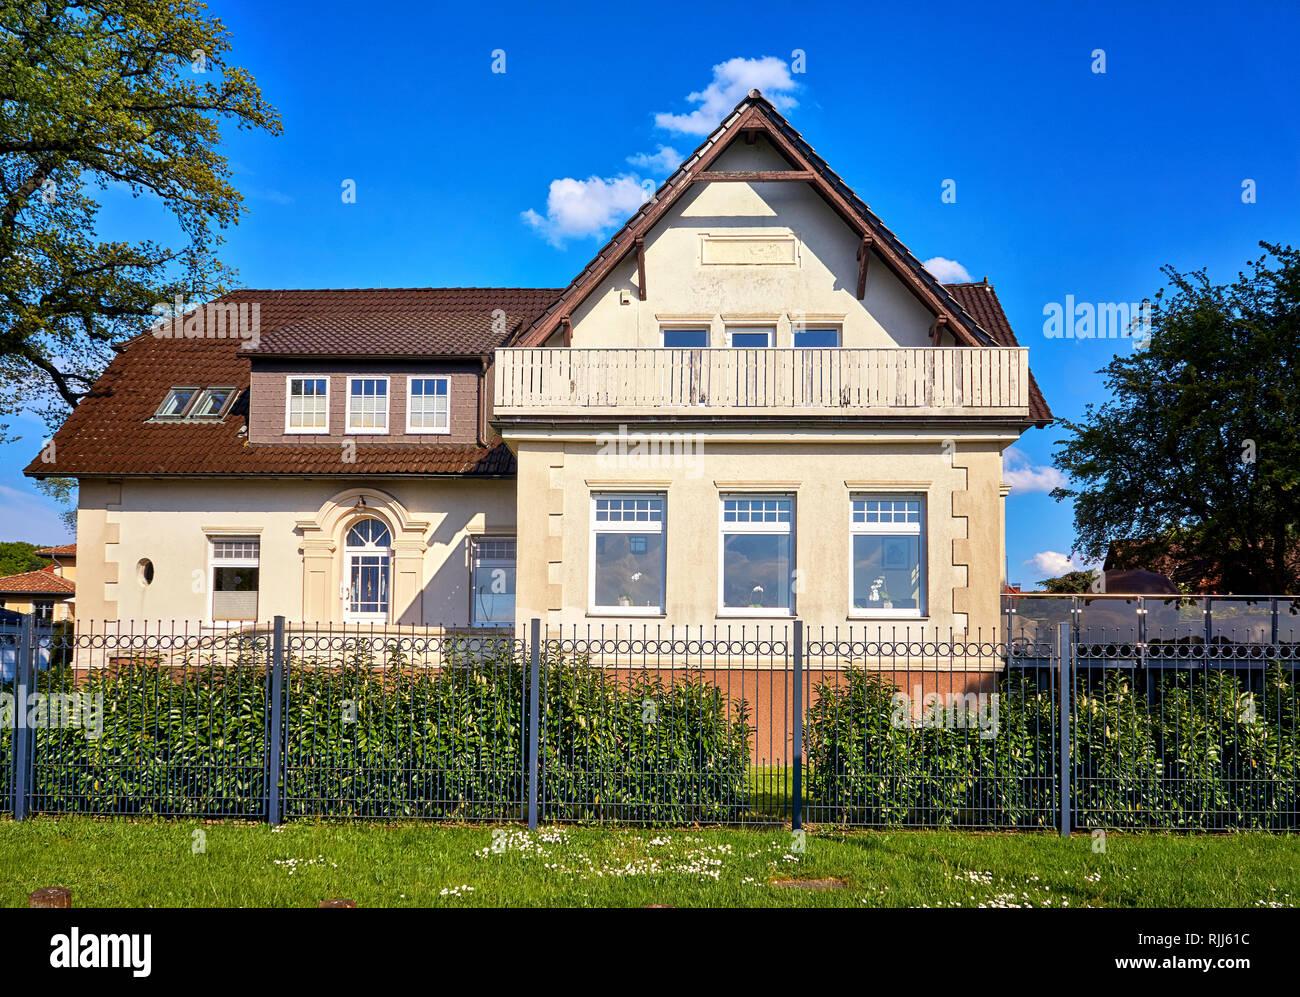 Haus Mit Balkon Aus Holz In Zippendorf Am Schweriner See